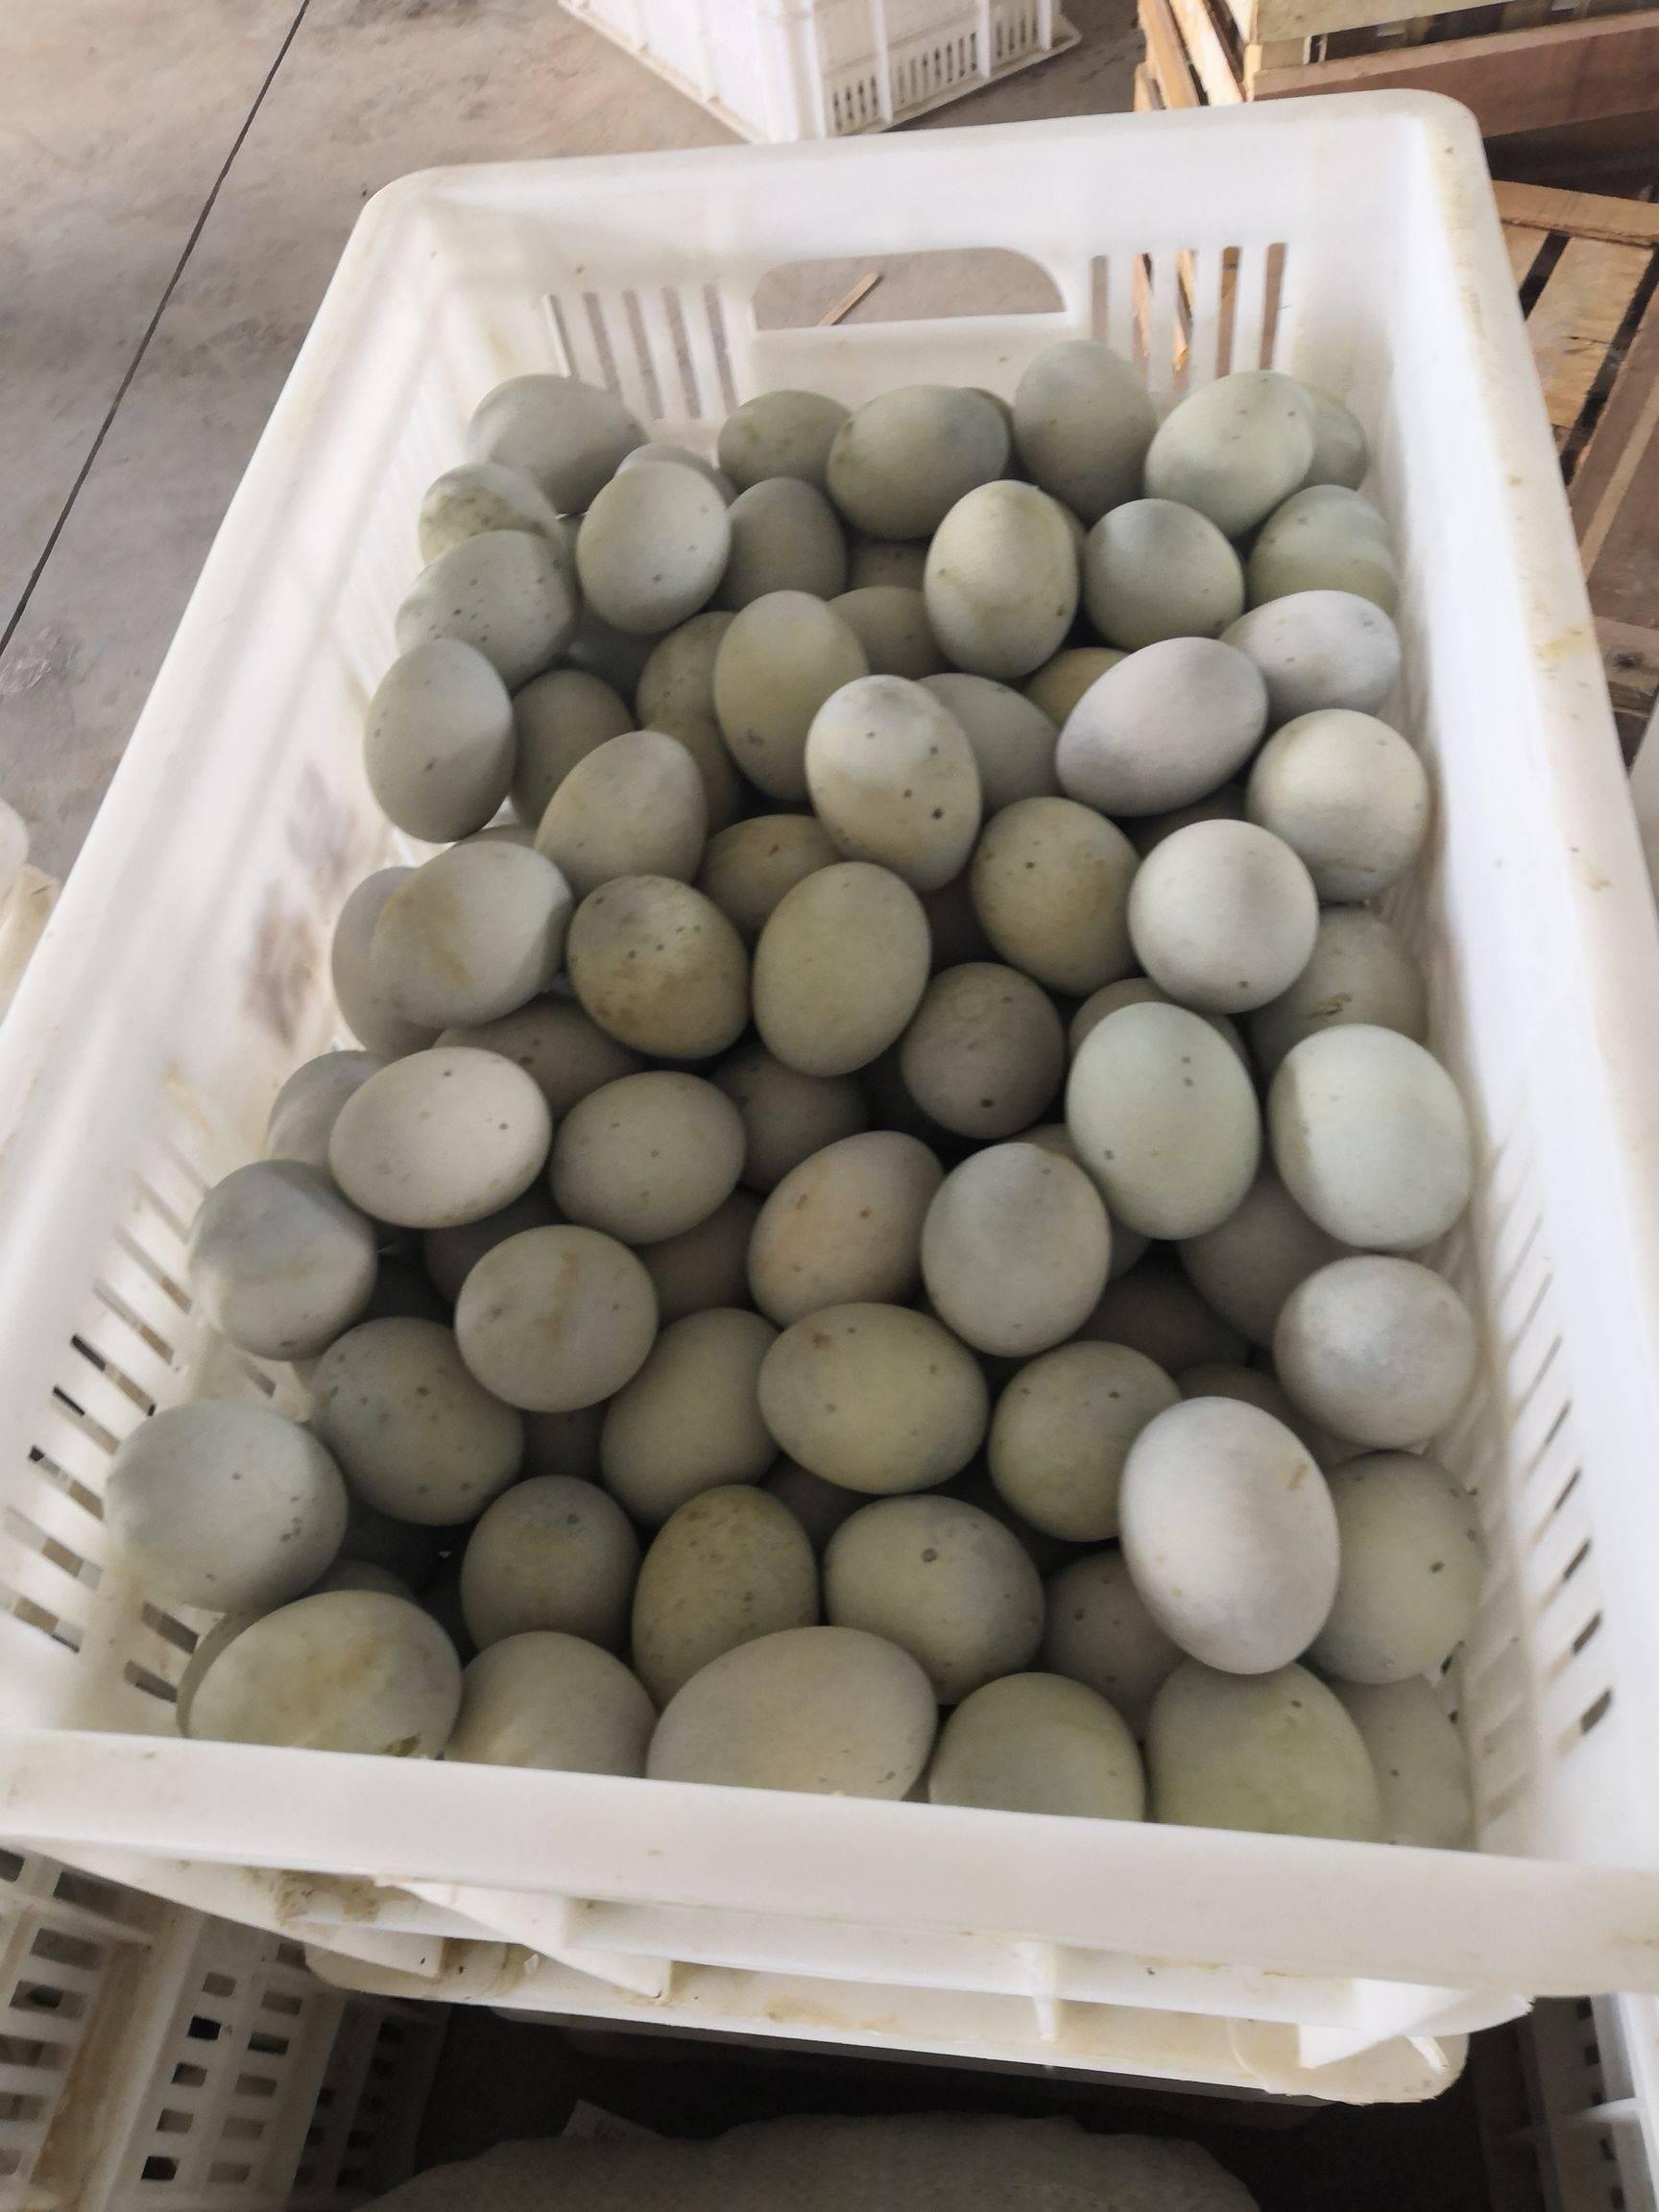 [松花鸭蛋批发]松花鸭蛋 微山湖松花蛋 不一样的味道价格7.5元/斤